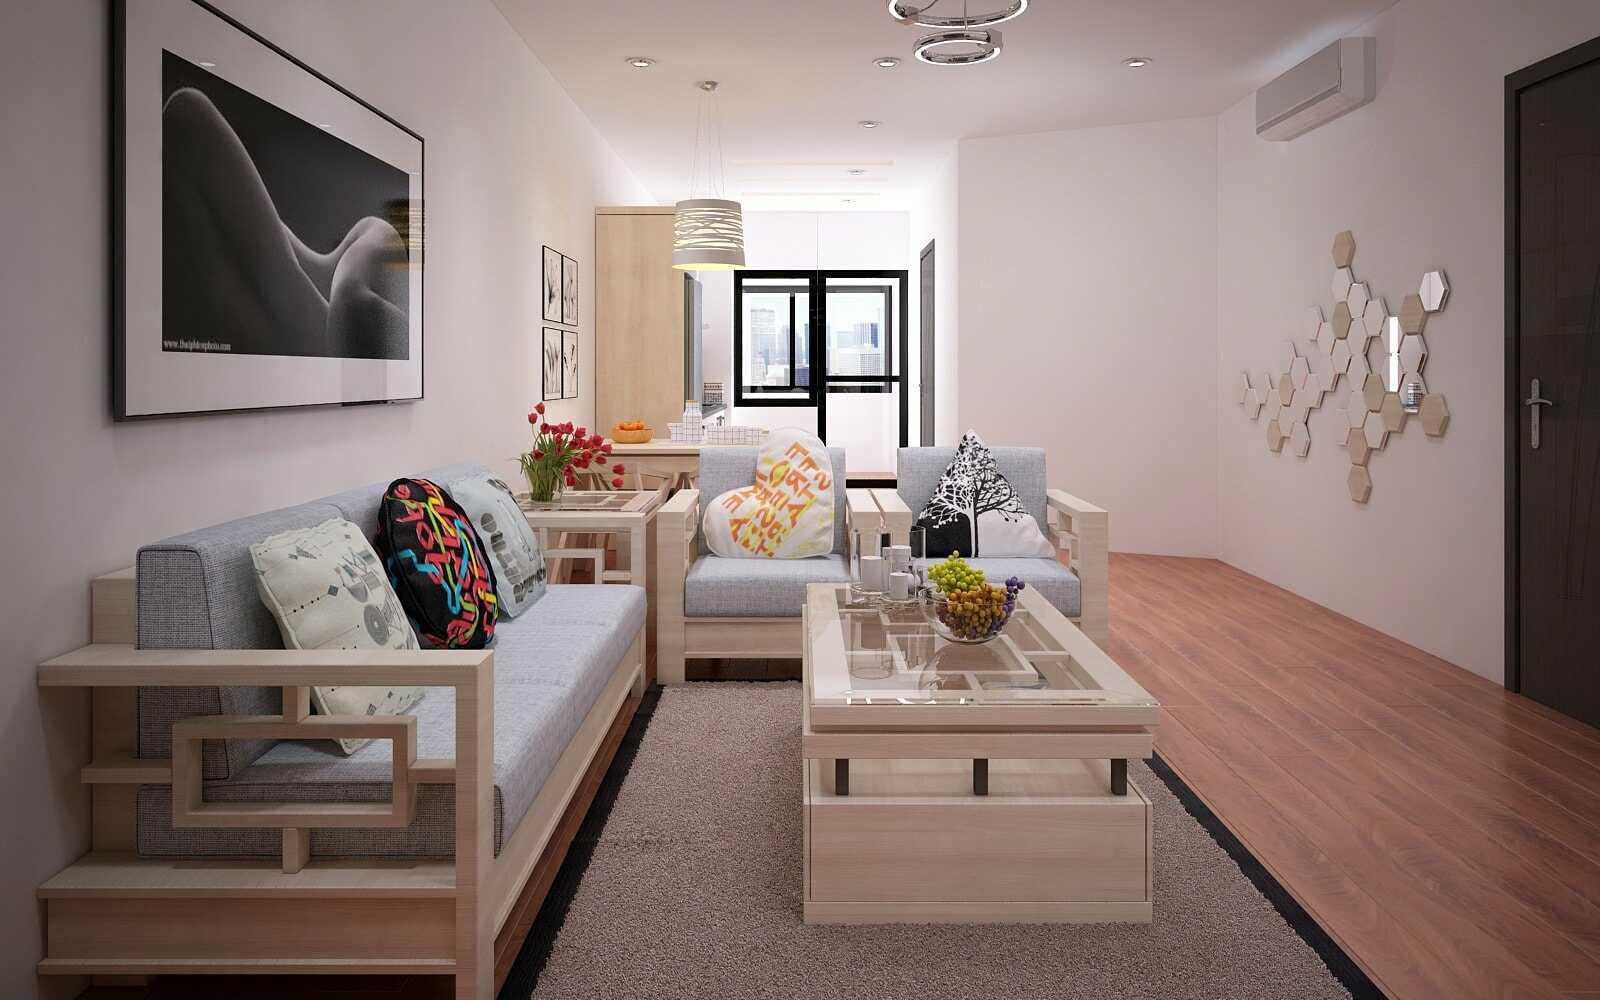 phòng khách nhà chung cư nhỏ